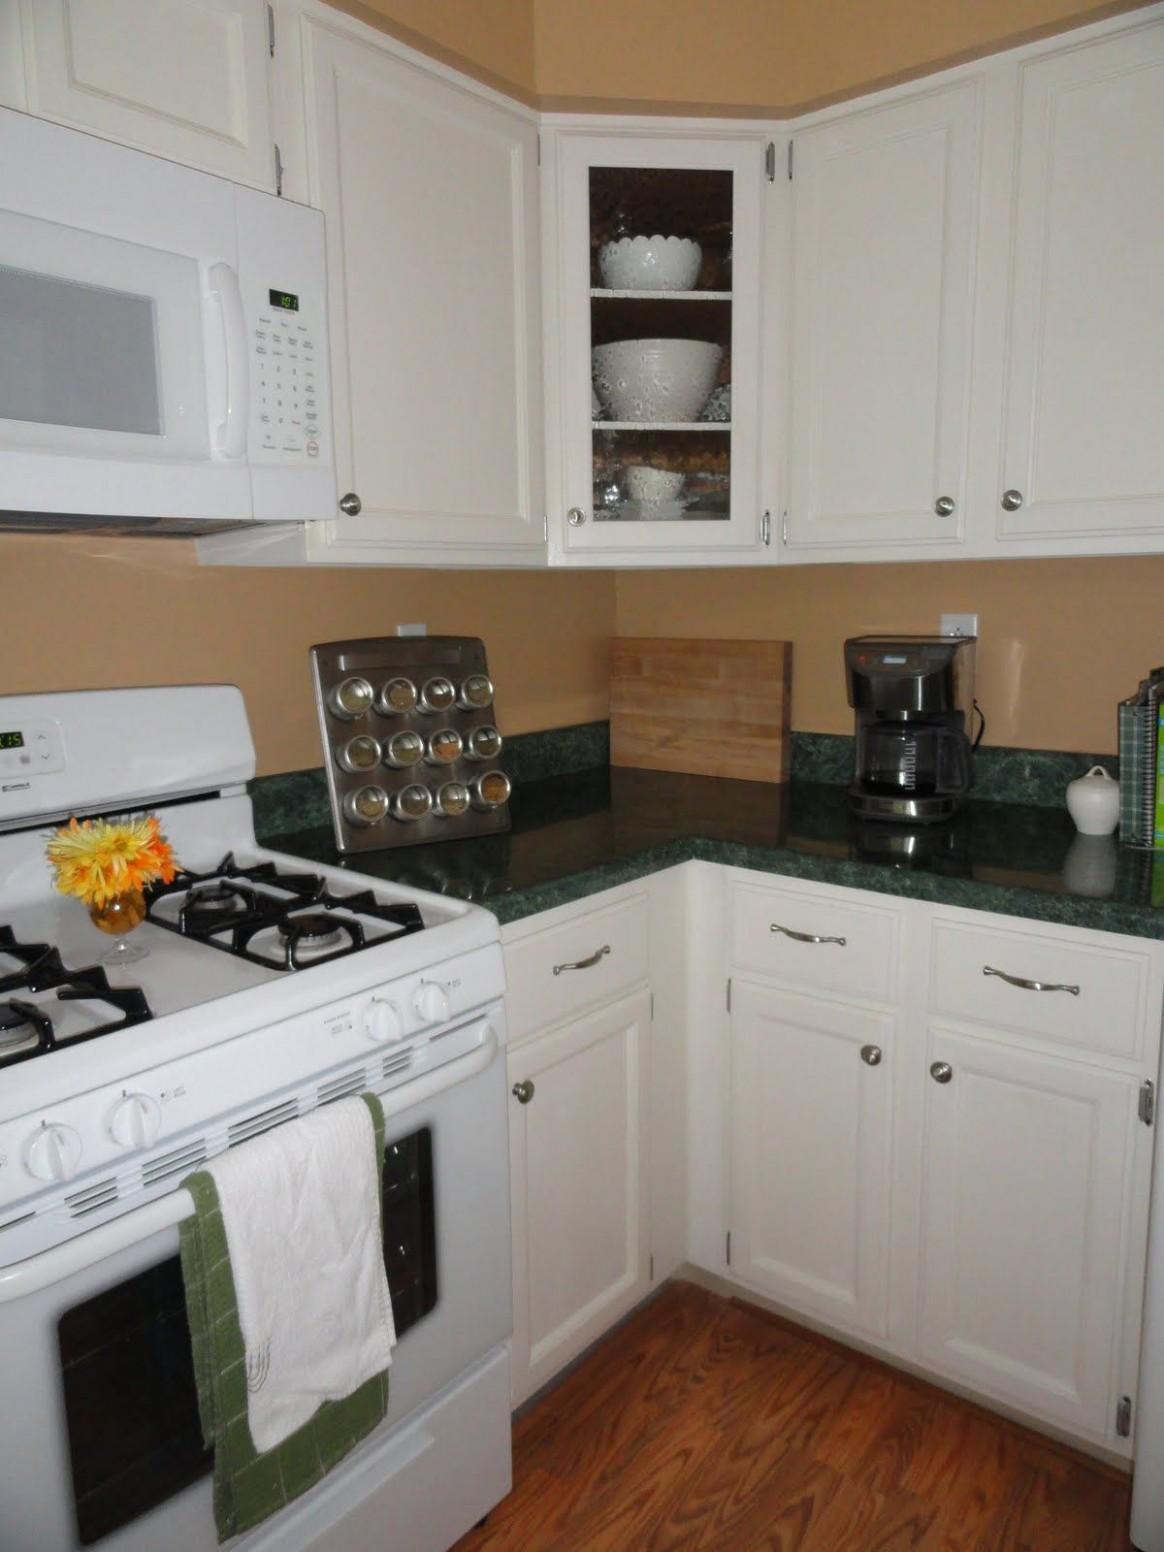 Valspar Swiss Coffee paint  Kitchen cabinet design, Kitchen  - Swiss Coffee Paint Kitchen Cabinets